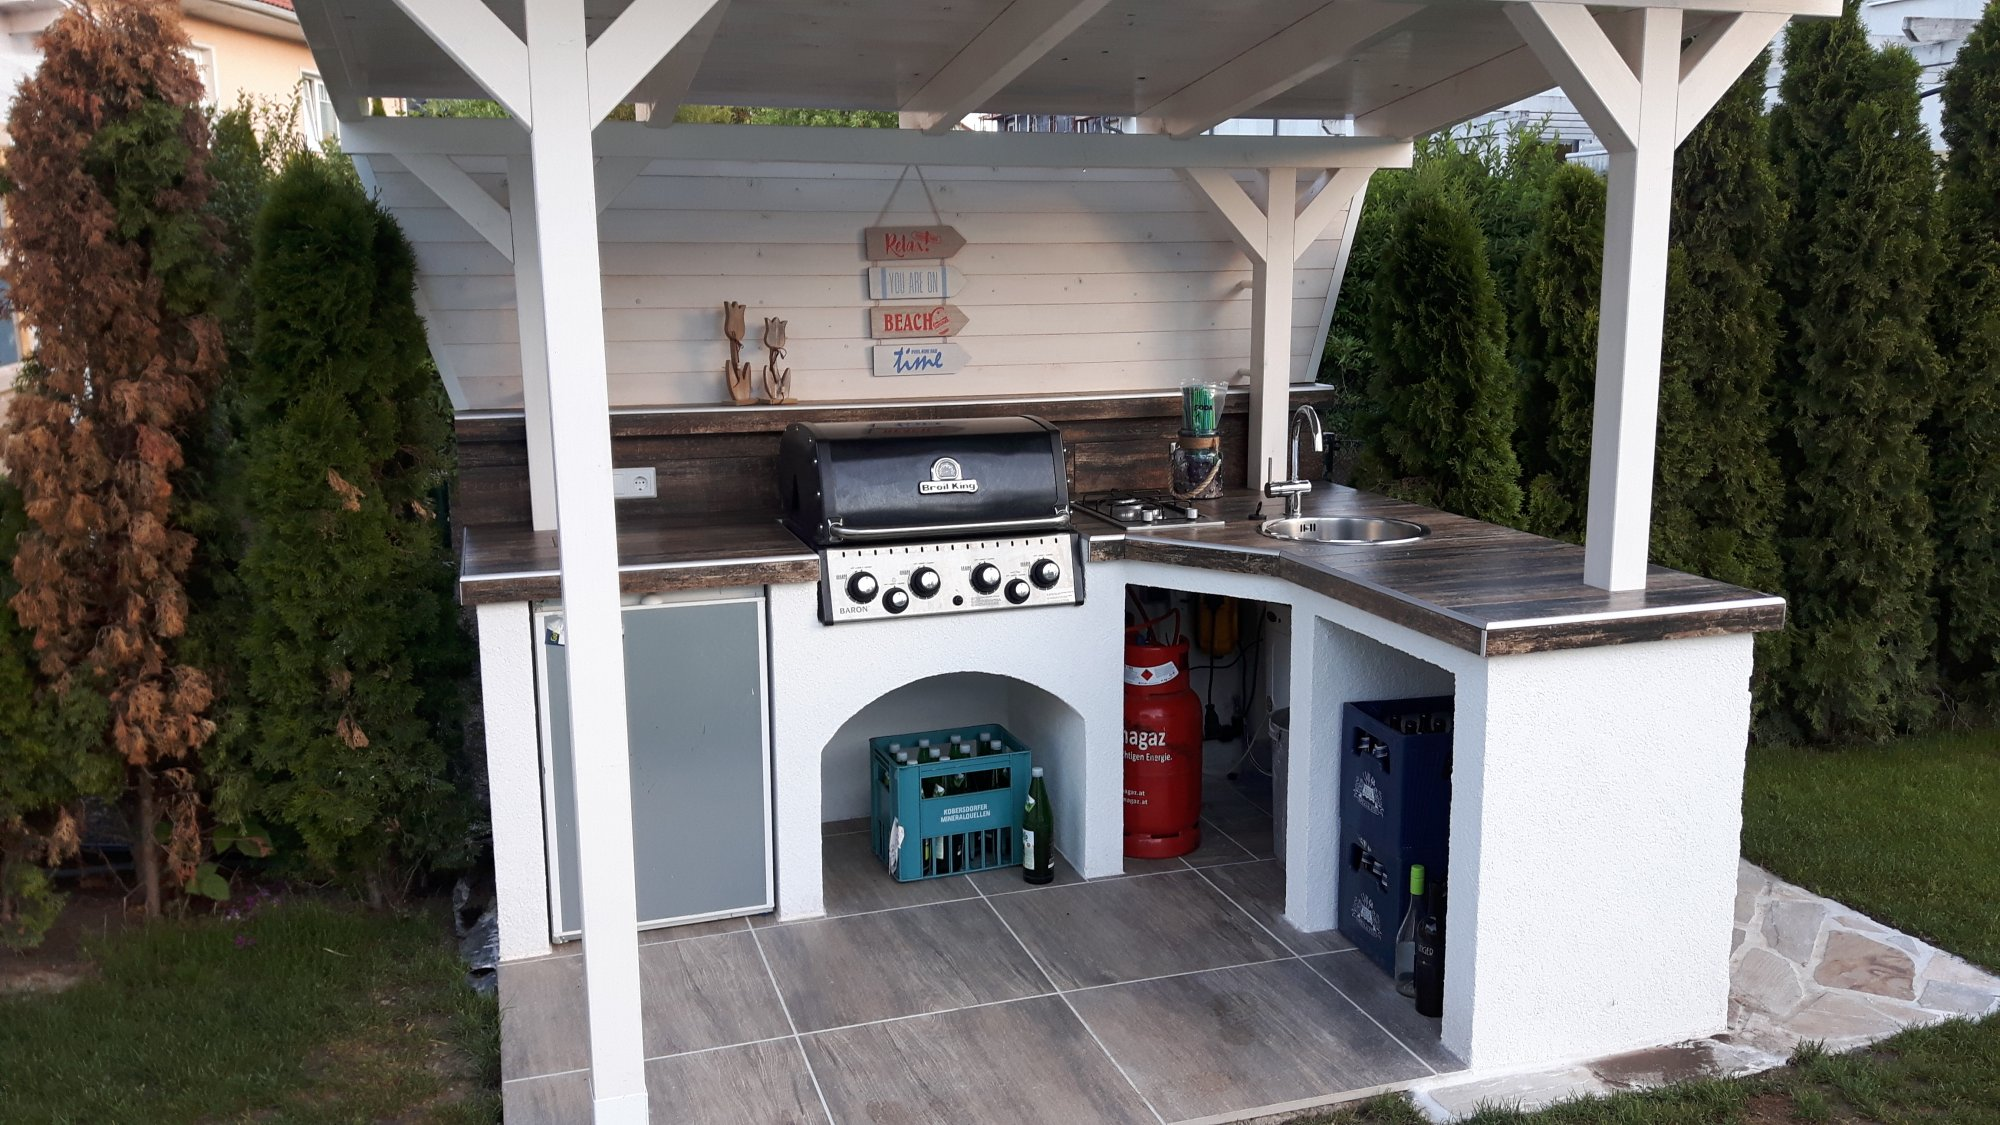 Outdoor Küche Grillsportverein : Ziemlich außenküche schranktüren fotos küchen design ideen